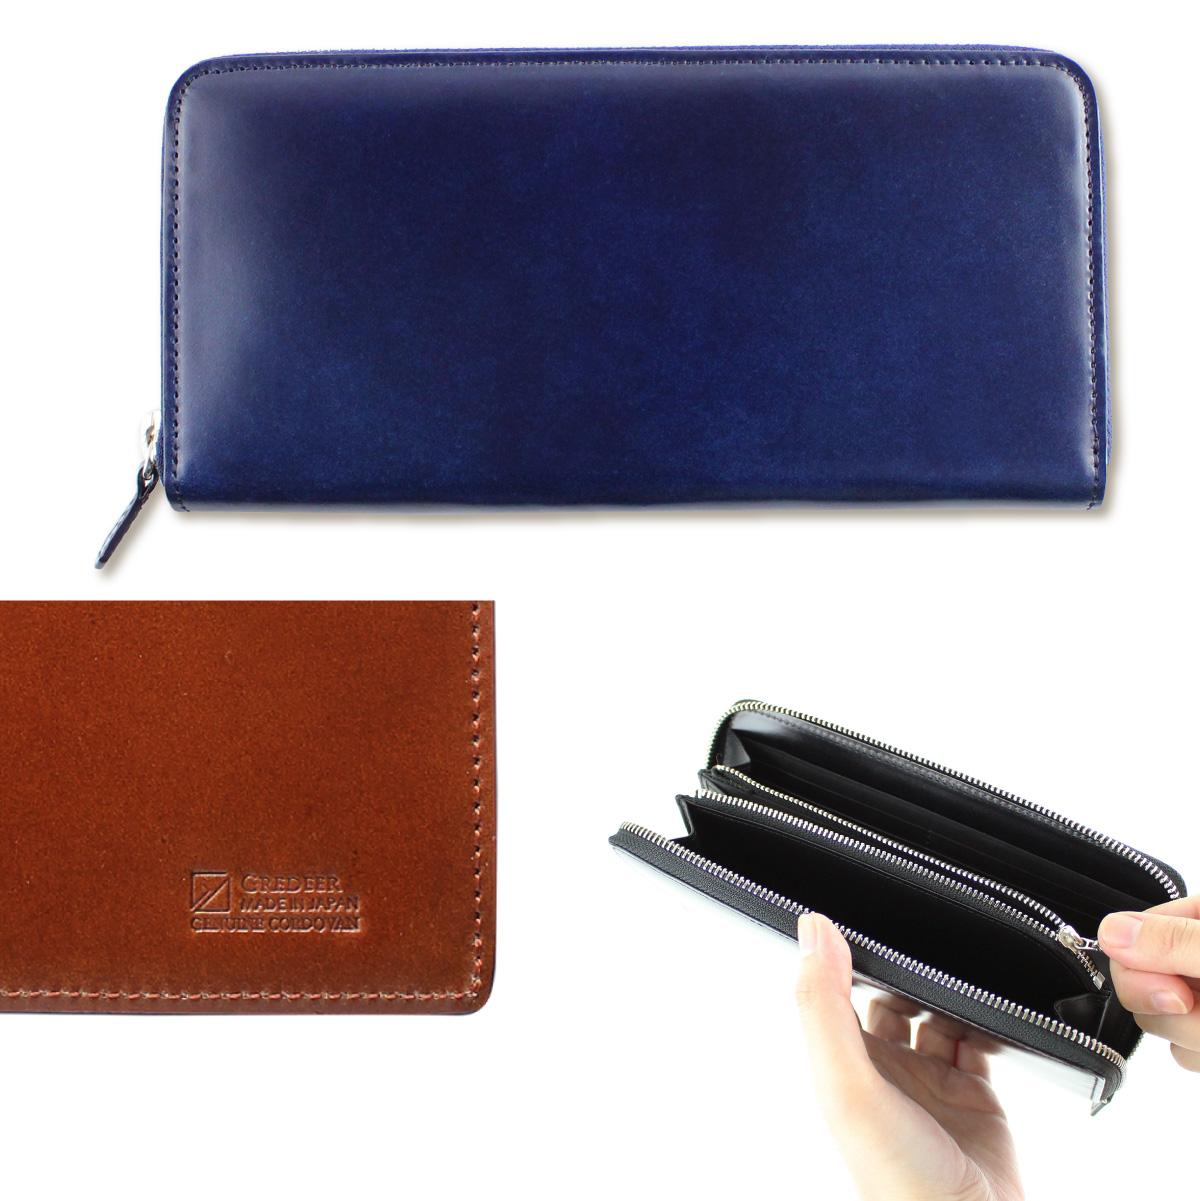 馬革(コードバン)のプレミアム財布 GREDEER コードバン ラウンドファスナー長財布 【カラー:ブルー】